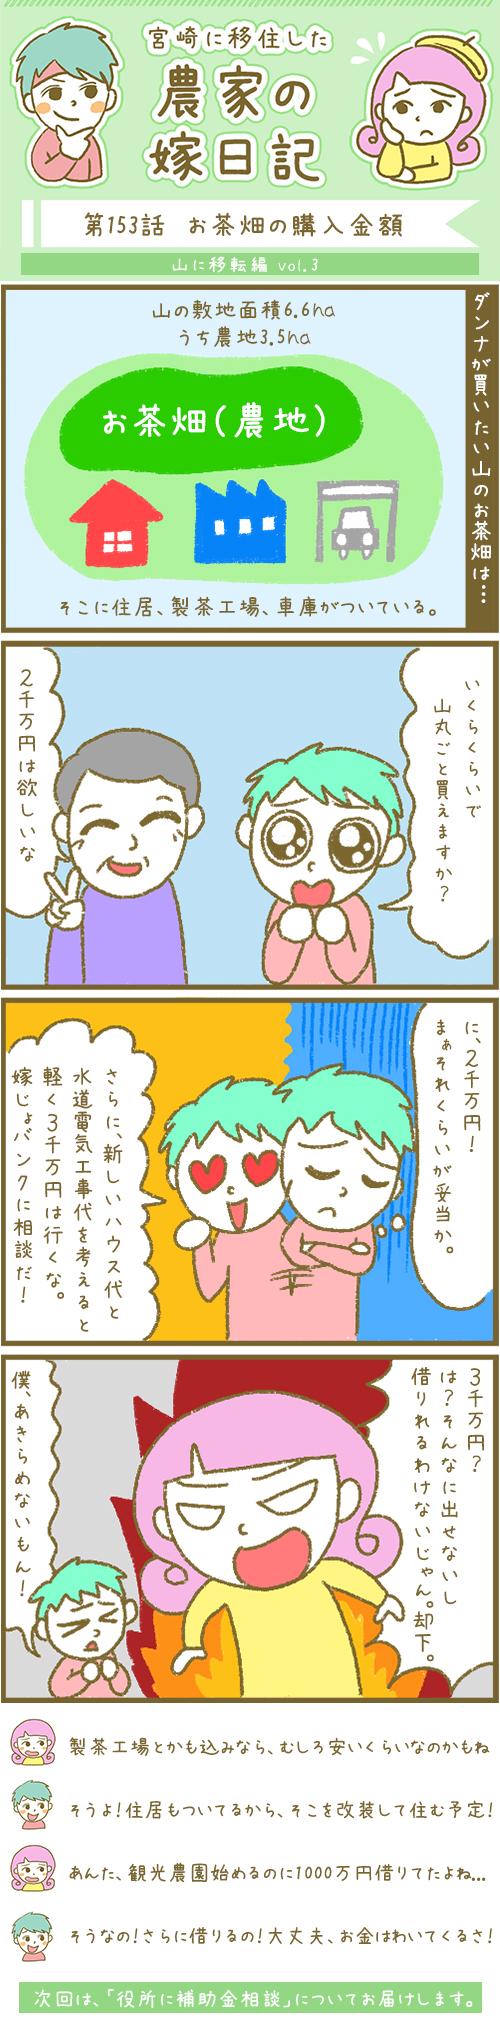 漫画第153話